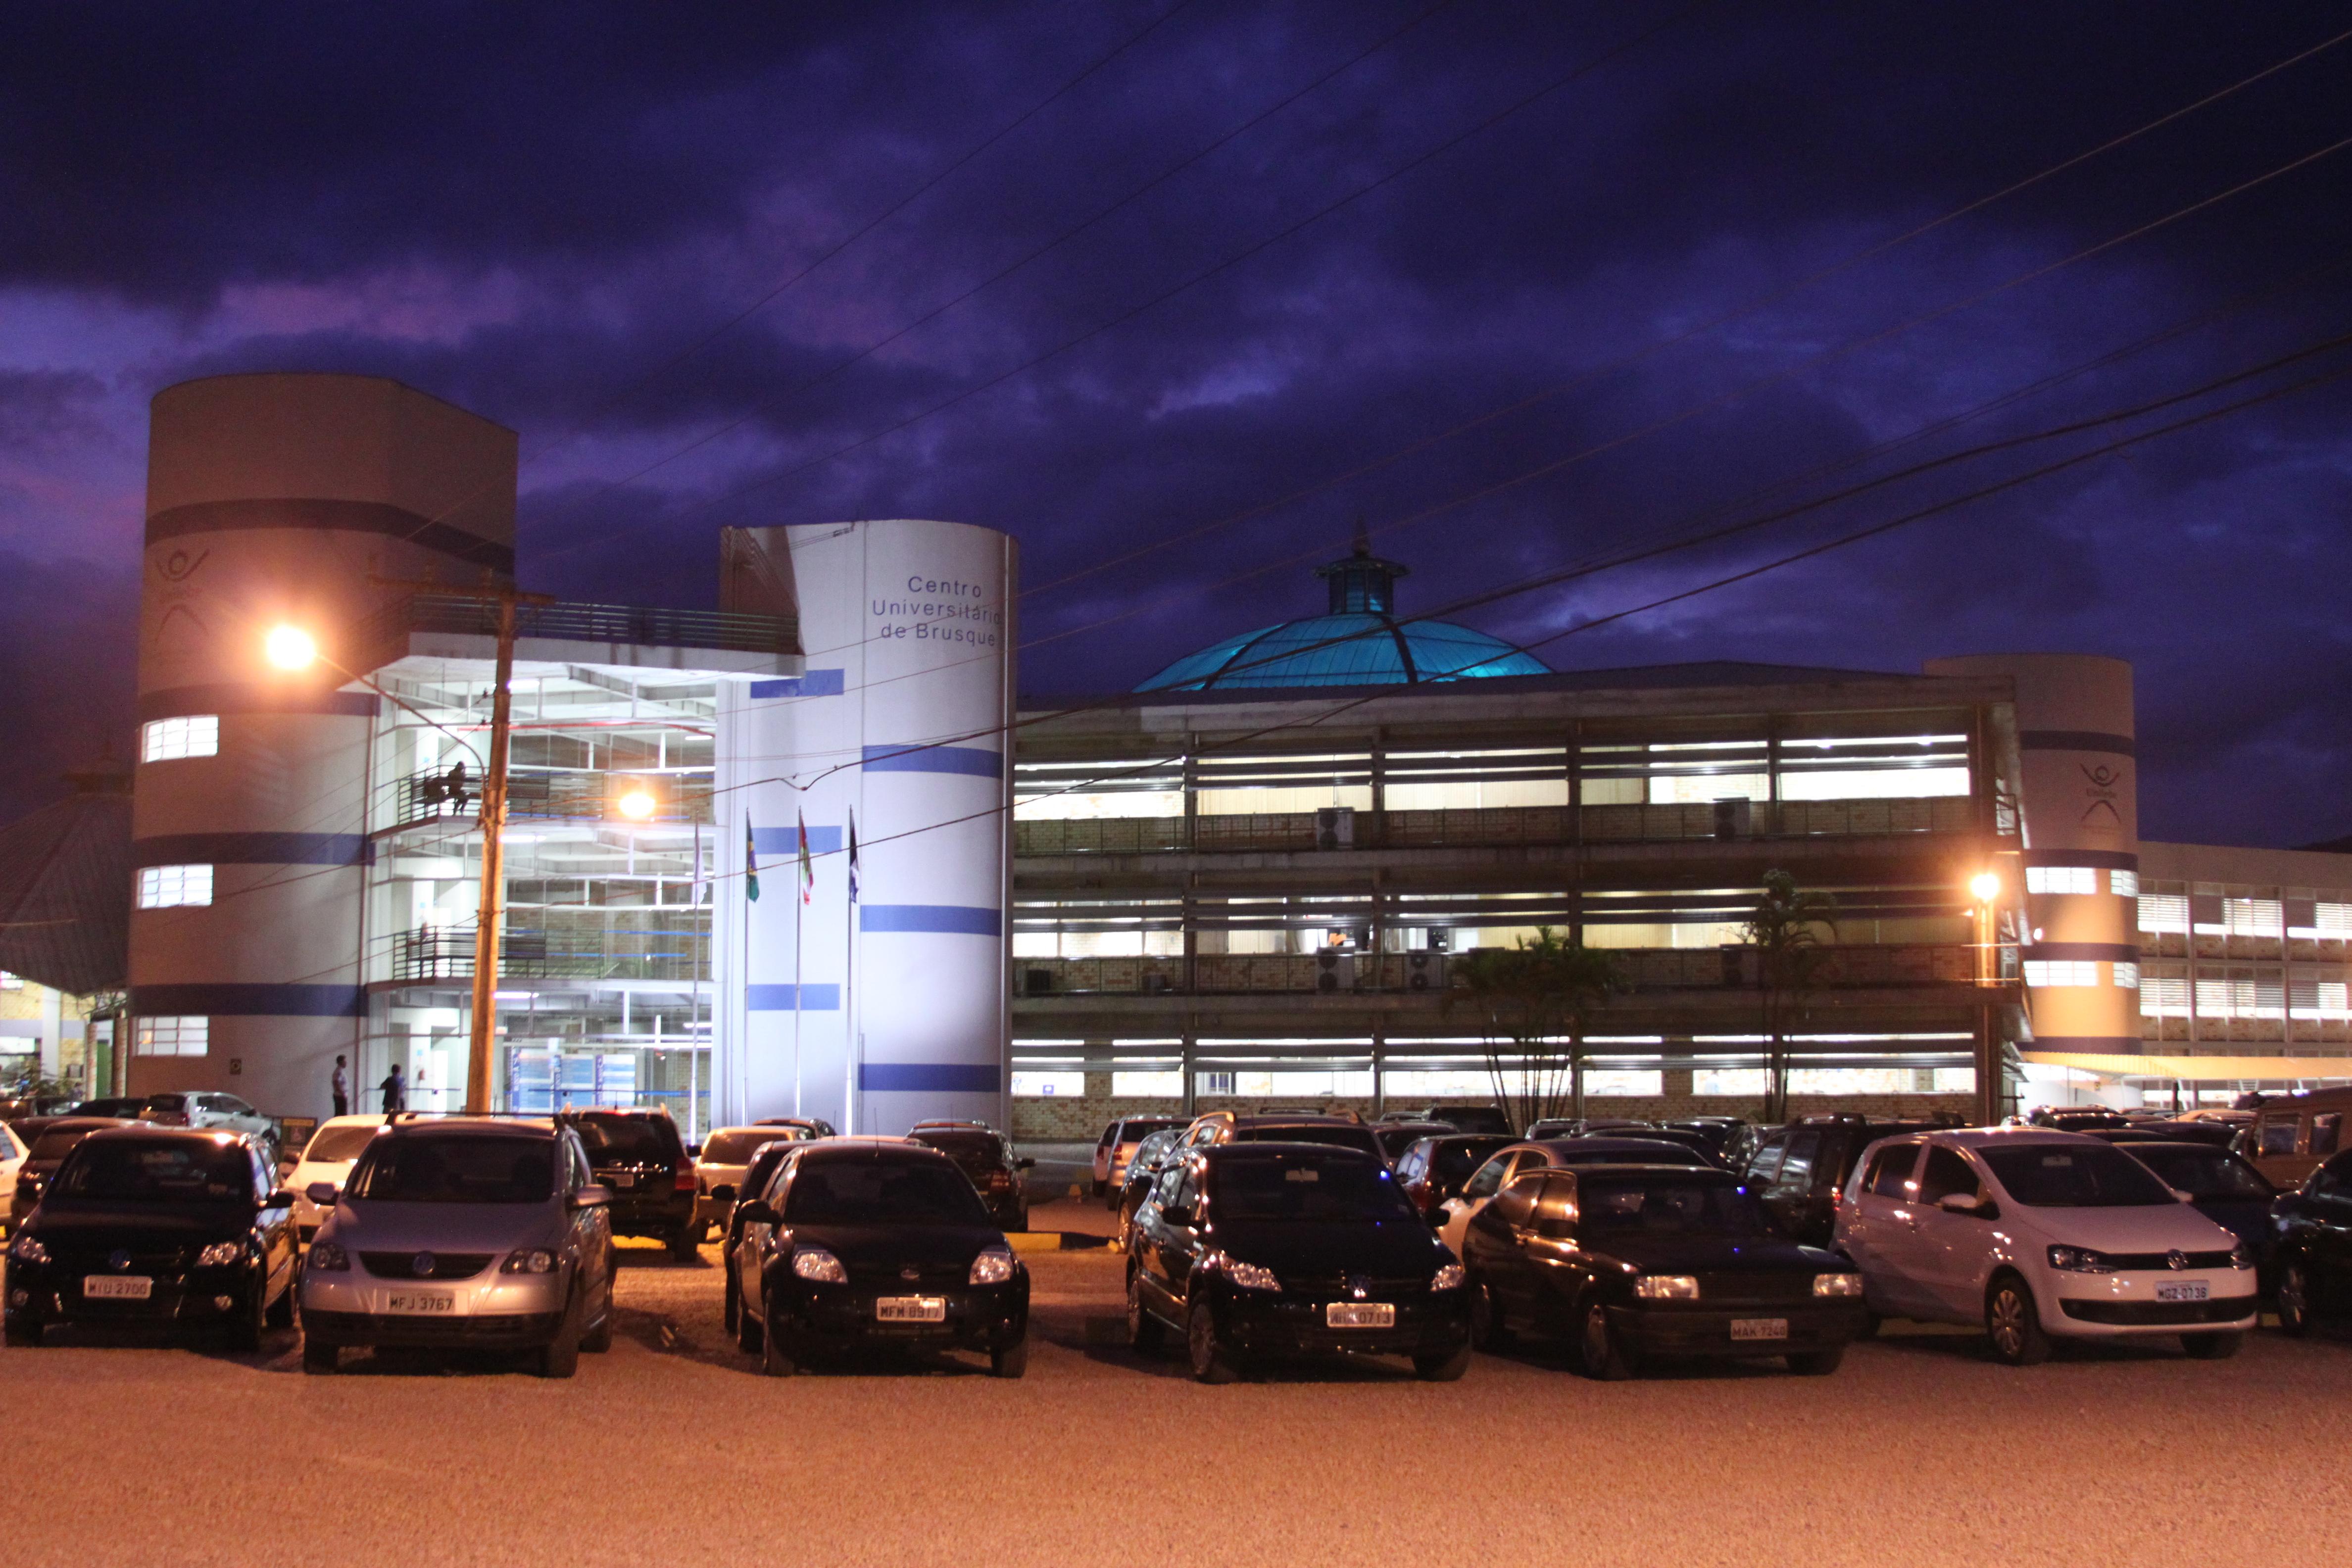 Boletos do estacionamento Estapar estão disponíveis no site da UNIFEBE